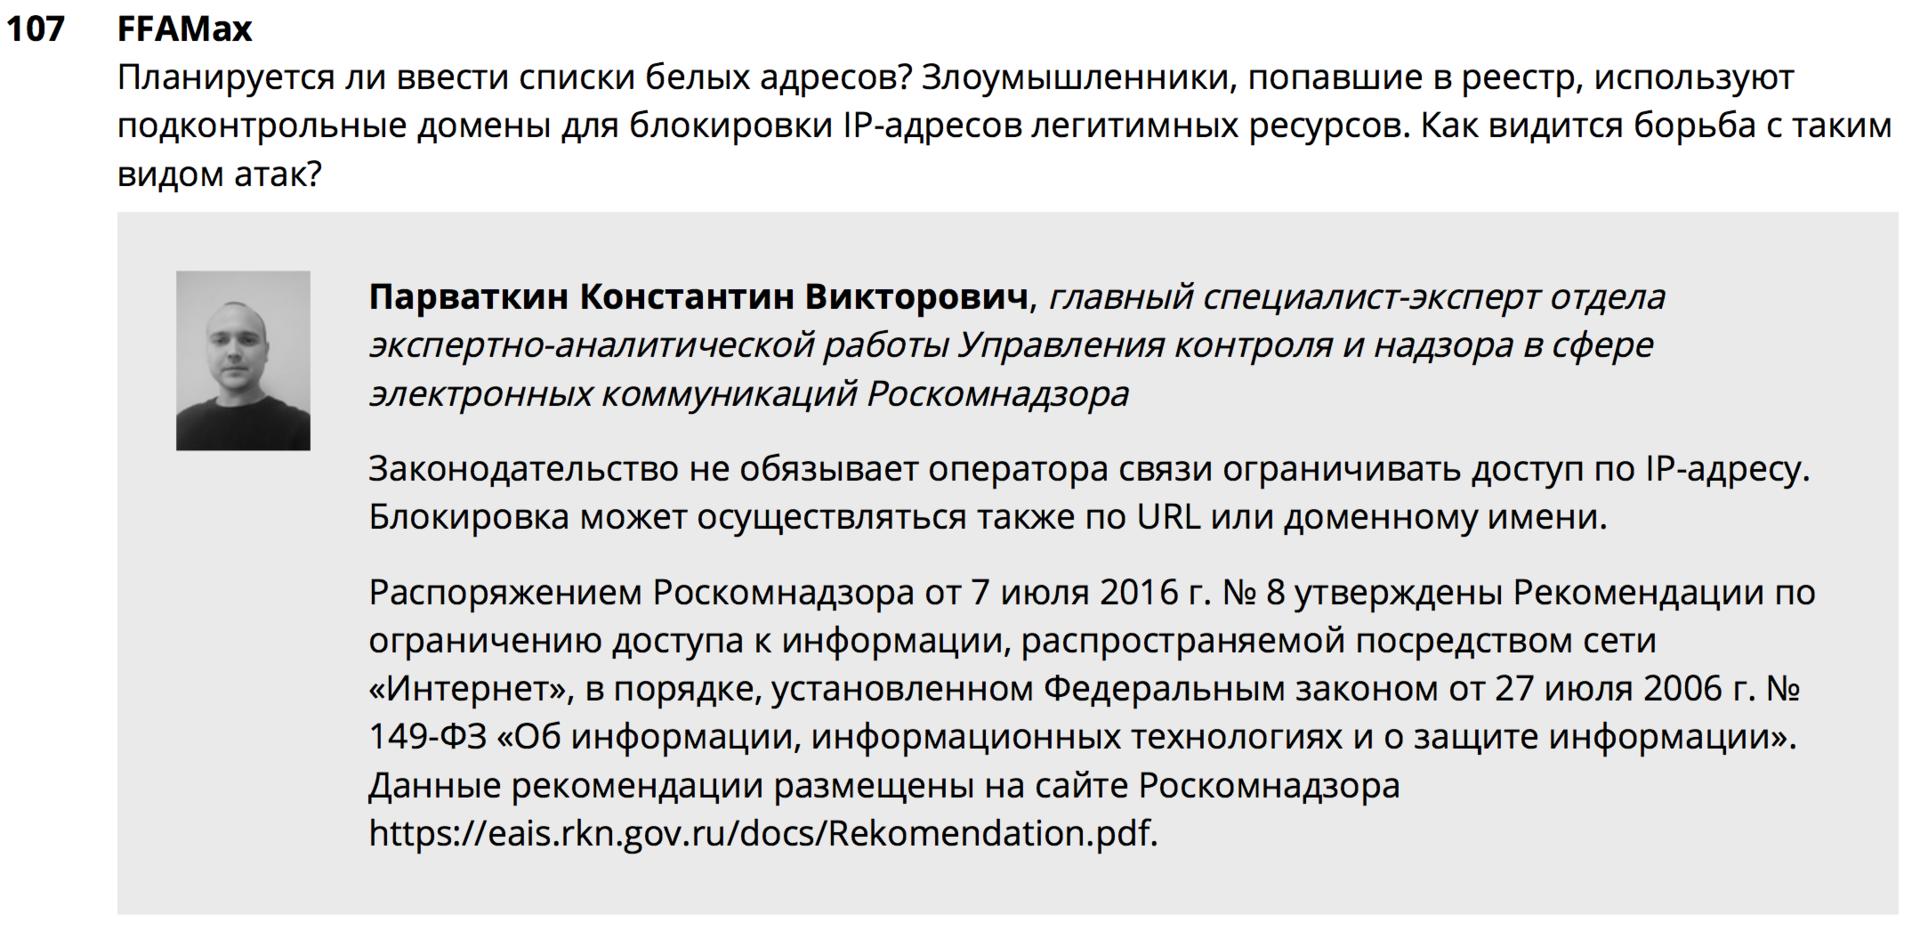 Анализ он-лайн конференций РКН на тему: «проблемные вопросы ограничения доступа к информации...» - 8